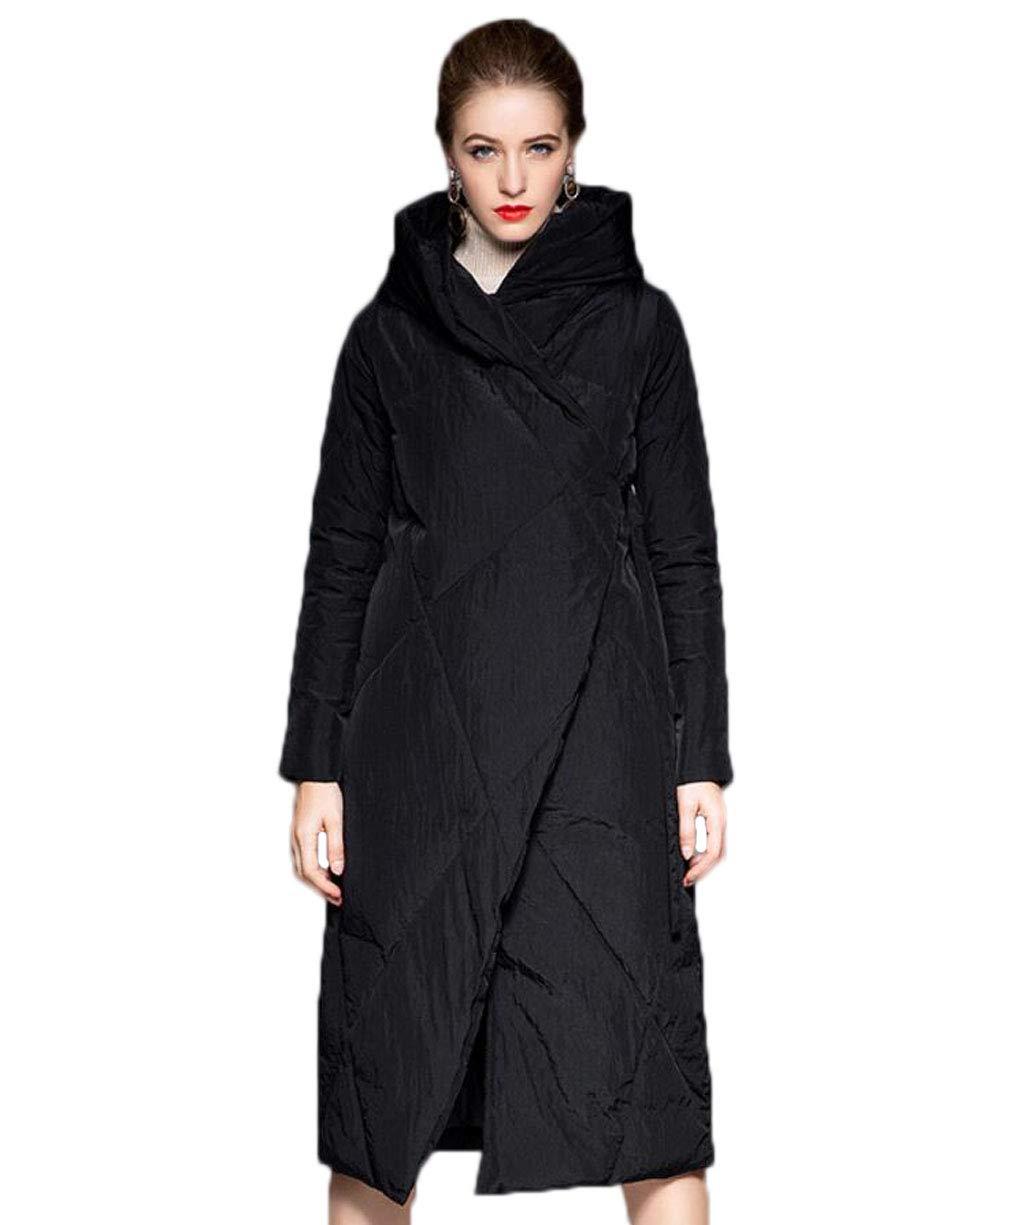 ACVXZ Manteau en Coton à Capuchon pour Femmes Outwear Long